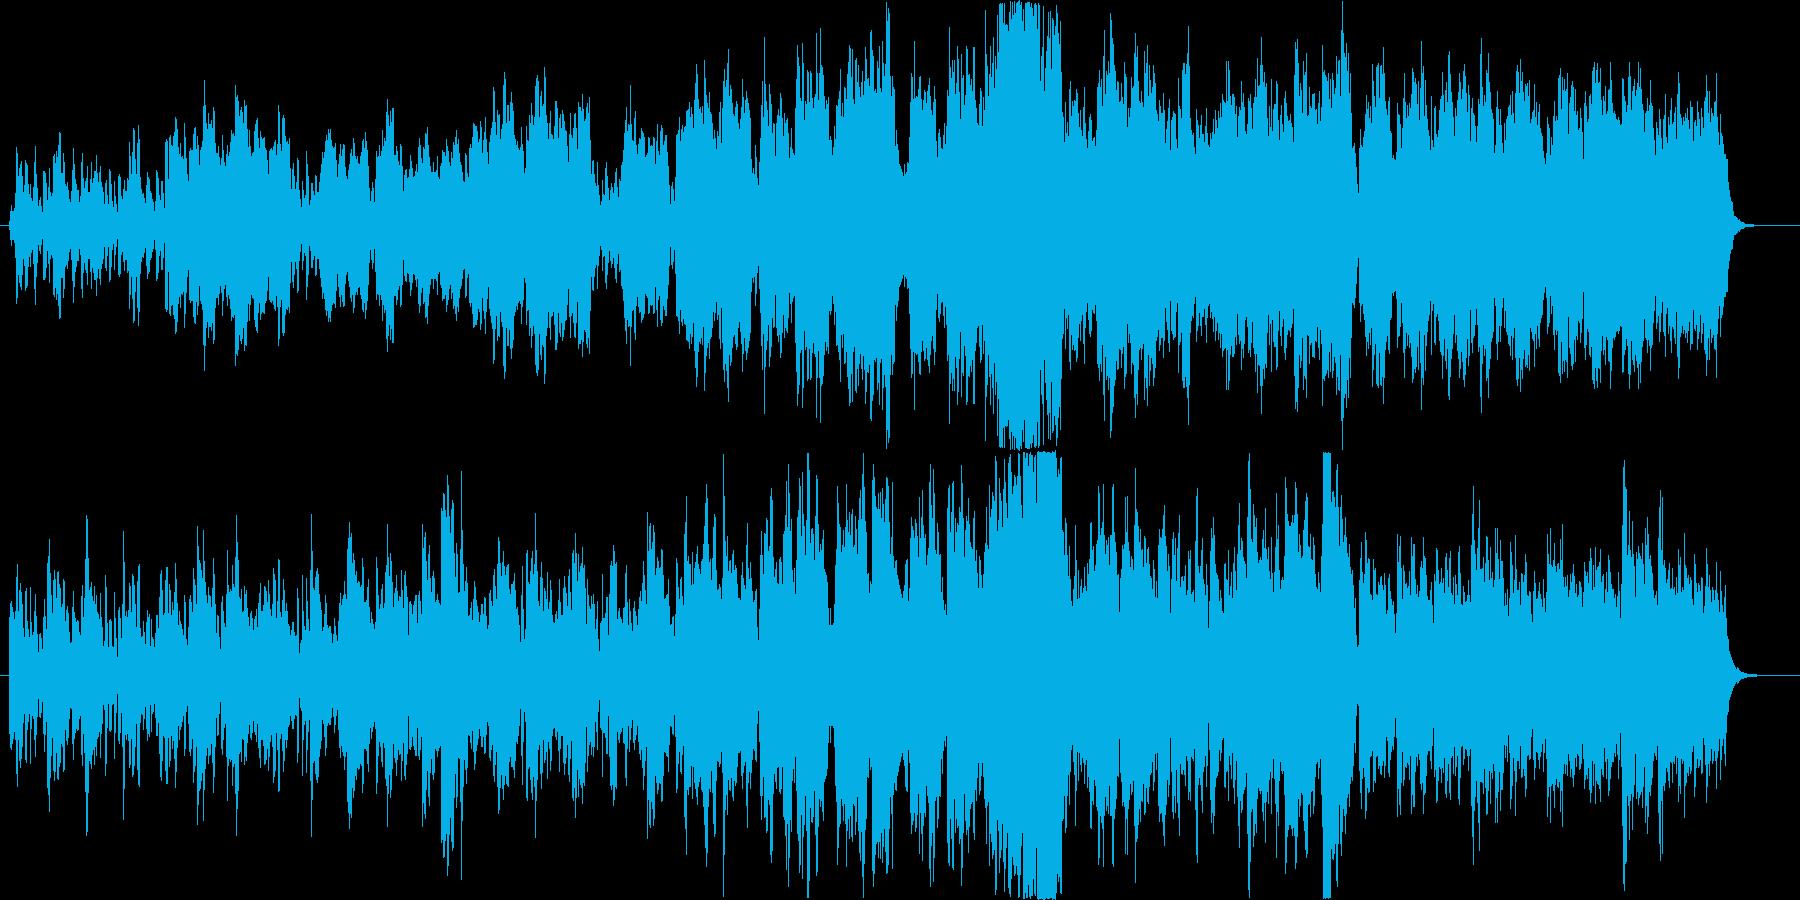 ストリングスと木管の爽やかなBGMの再生済みの波形